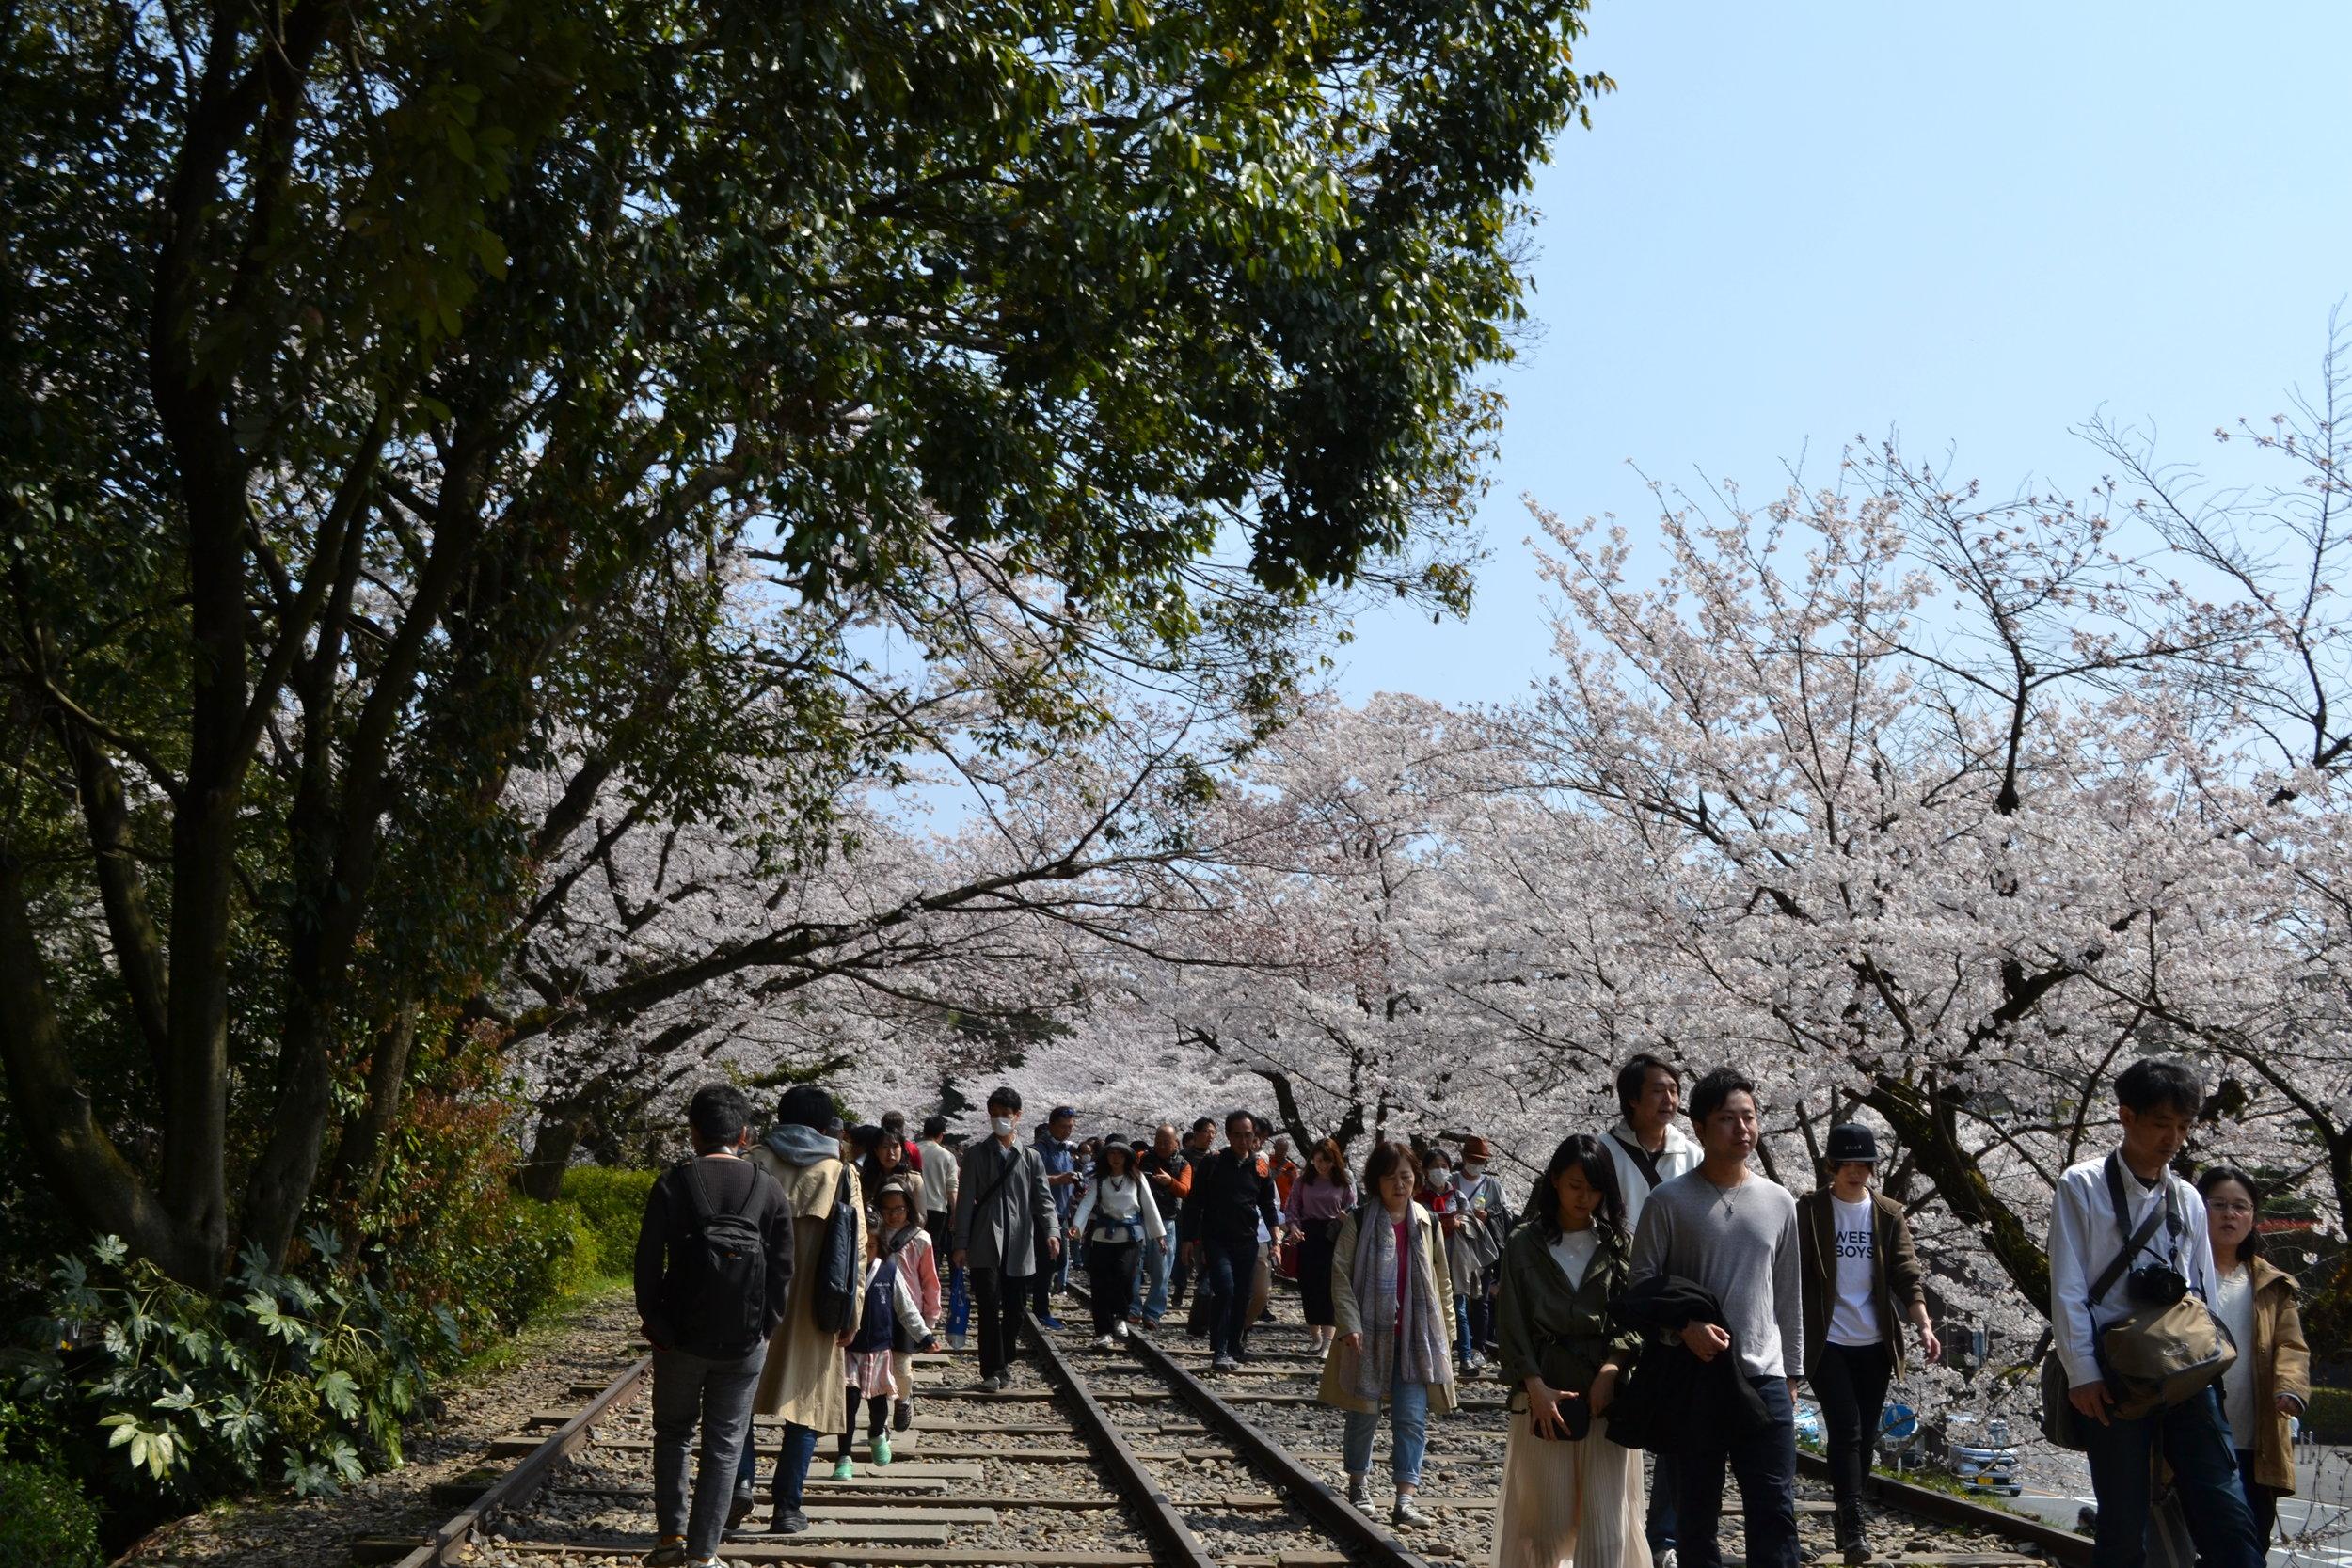 Caminando por el comienzo de las vías del ferrocarril se puede ver cuantos árboles de sakura hay en la distancia.